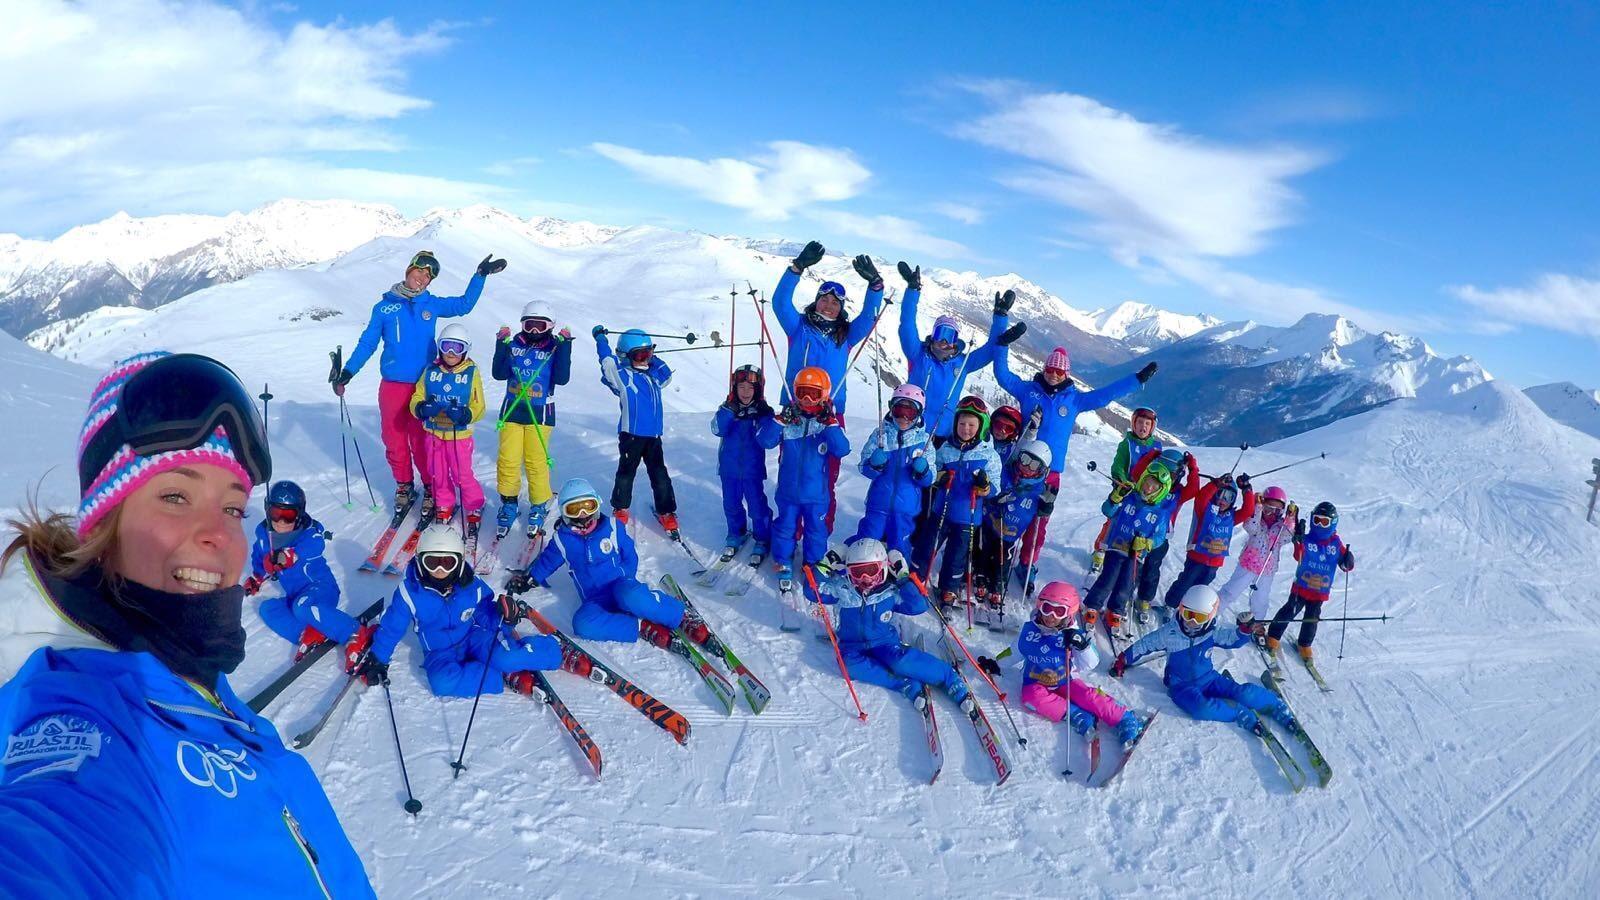 Un gruppo di bambini partecipa a una delle Lezioni sci bambini (5-12 a.) - Festività - Princ. assoluti organizzate dalla Scuola di Sci Olimpionica nel comprensorio sciistico della Via Lattea a Sestriere.